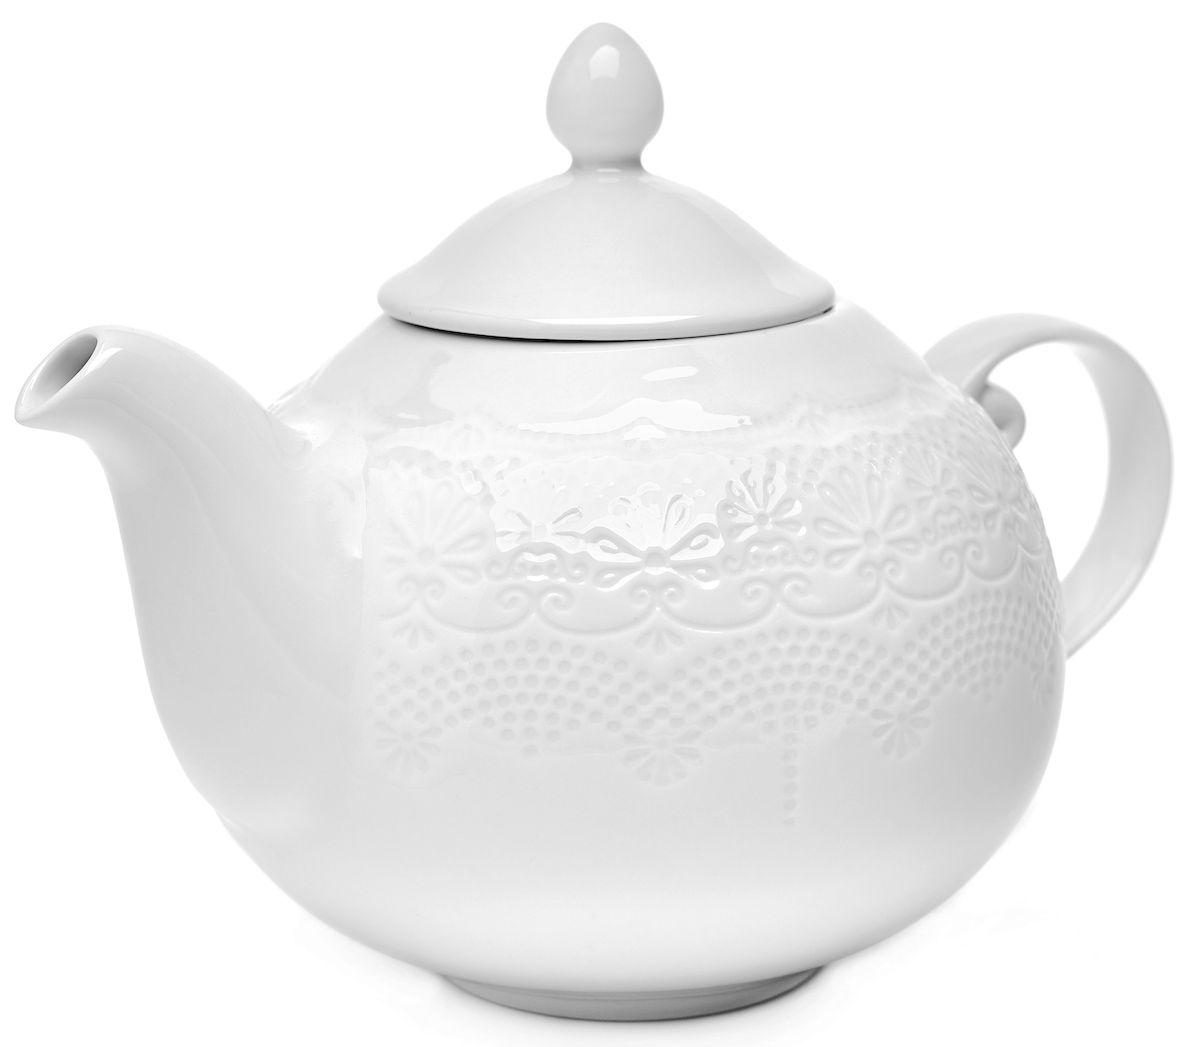 Чайник заварочный Walmer Emily, 1 л54 009312Заварочный чайник Walmer Emily изготовлен извысококачественного фарфора. Изделие прекрасно подходит для заваривания вкусного и ароматного чая,травяных настоев. Оригинальный дизайн сделает чайник настоящим украшением стола. Онудобен в использовании и понравится каждому.Высота чайника (без учета крышки): 14,5 см.